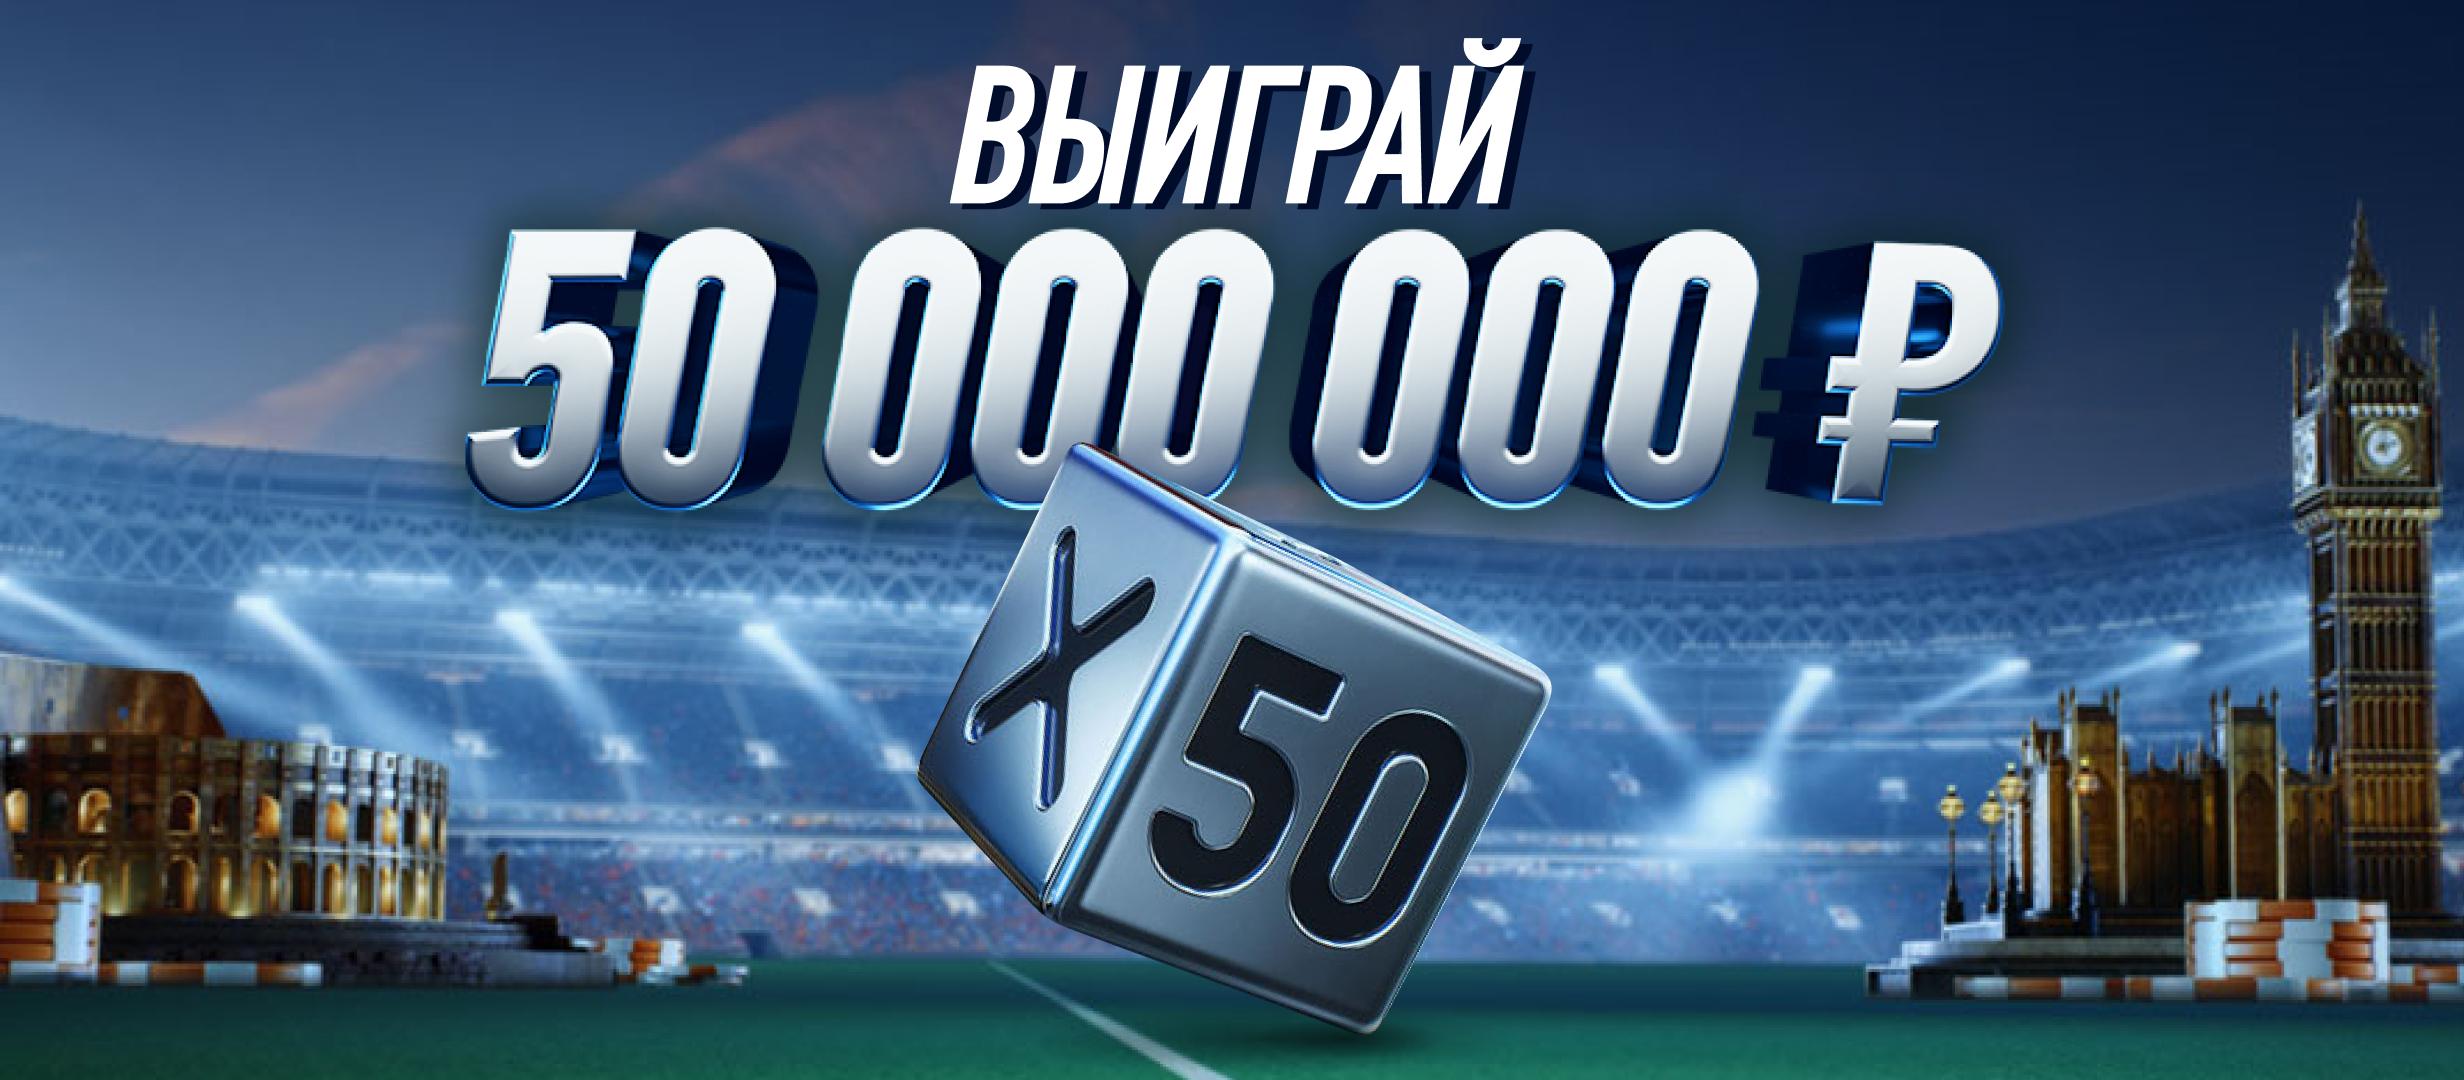 Бонус от Winline 50000000 ₽.